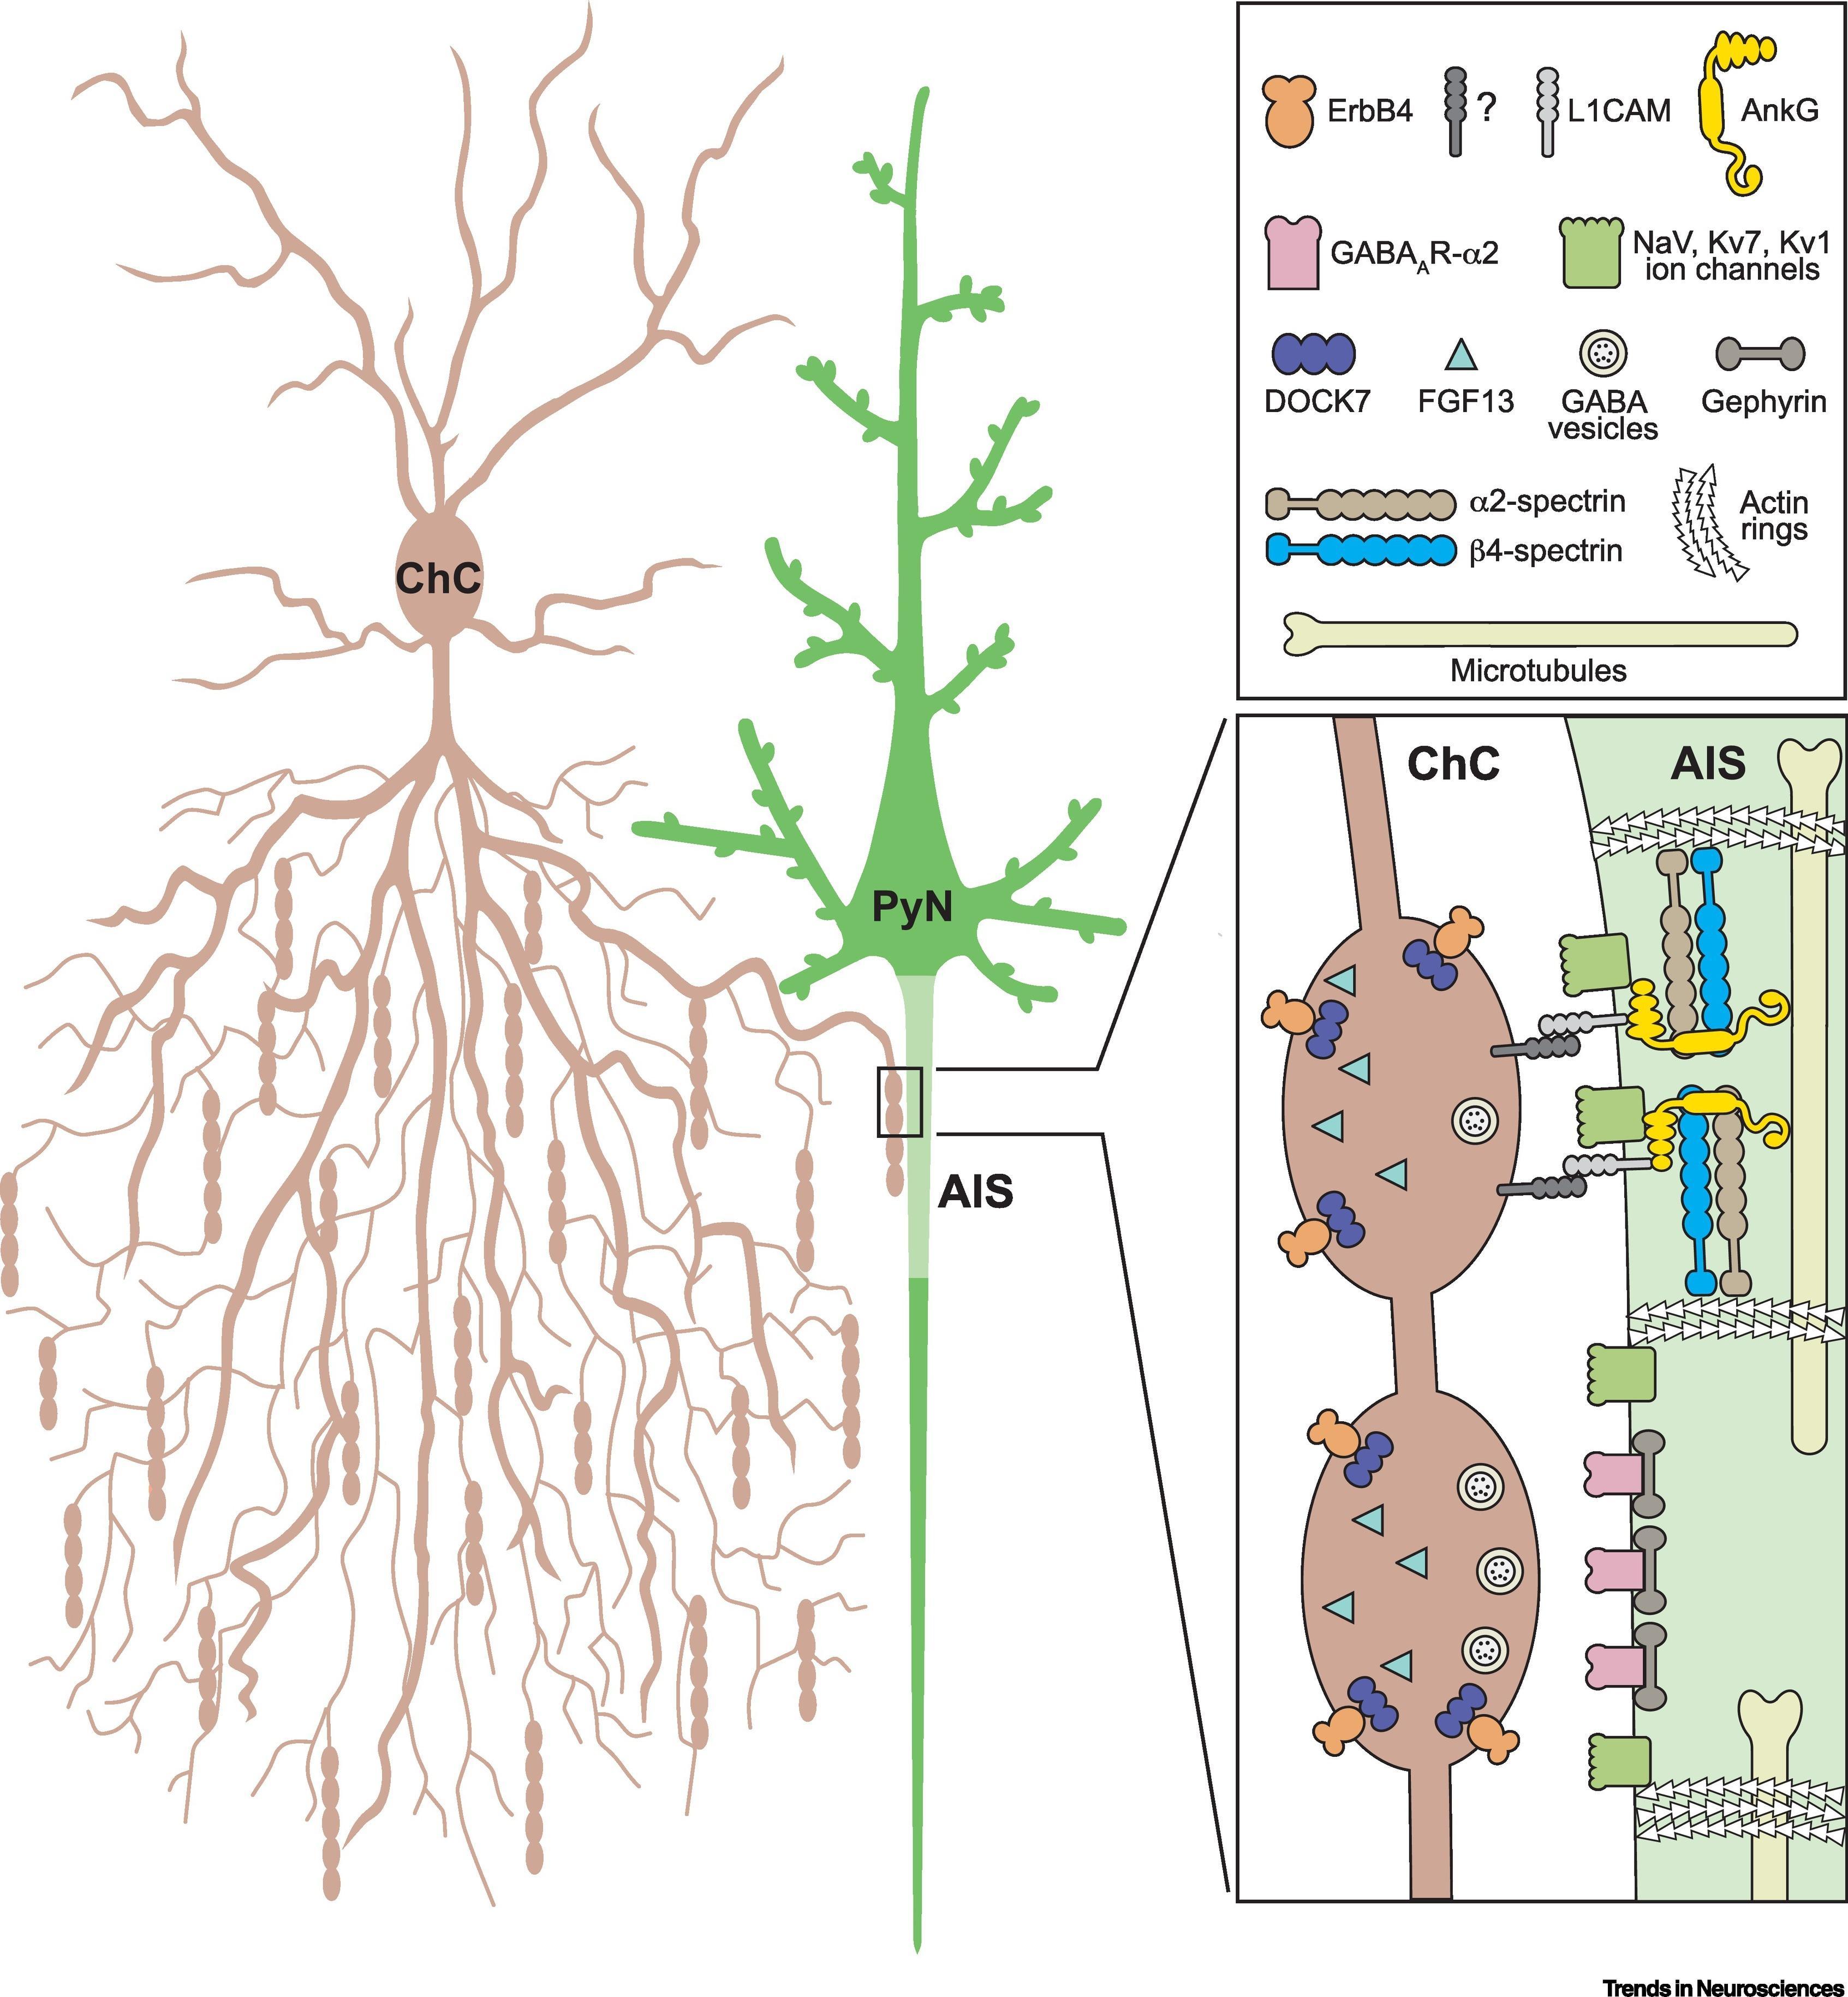 Тормозные клетки-канделябры улучшают когнитивные функции